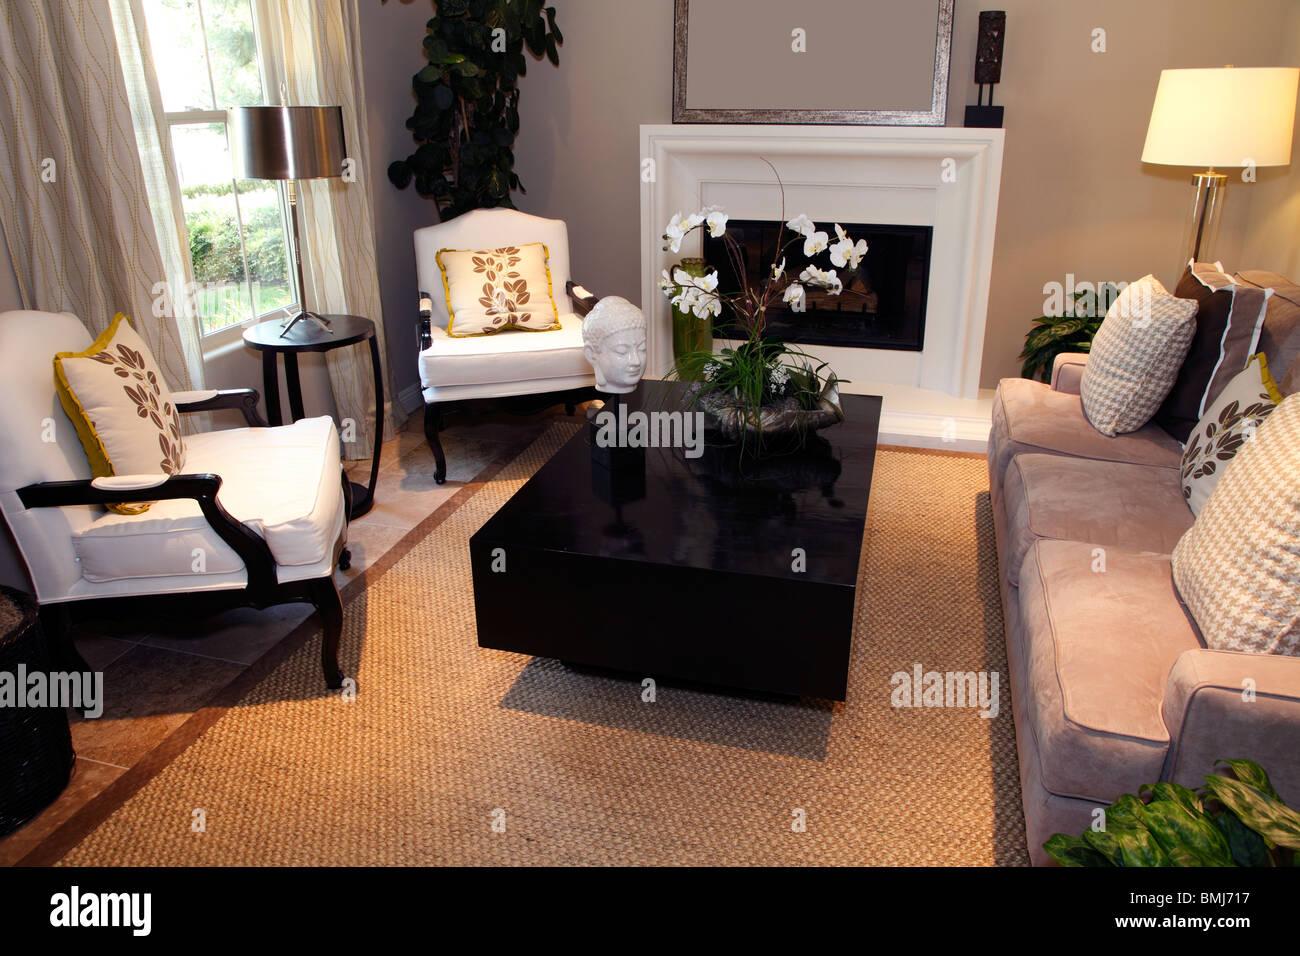 Accueil de luxe avec salon design intérieur élégant. Photo Stock